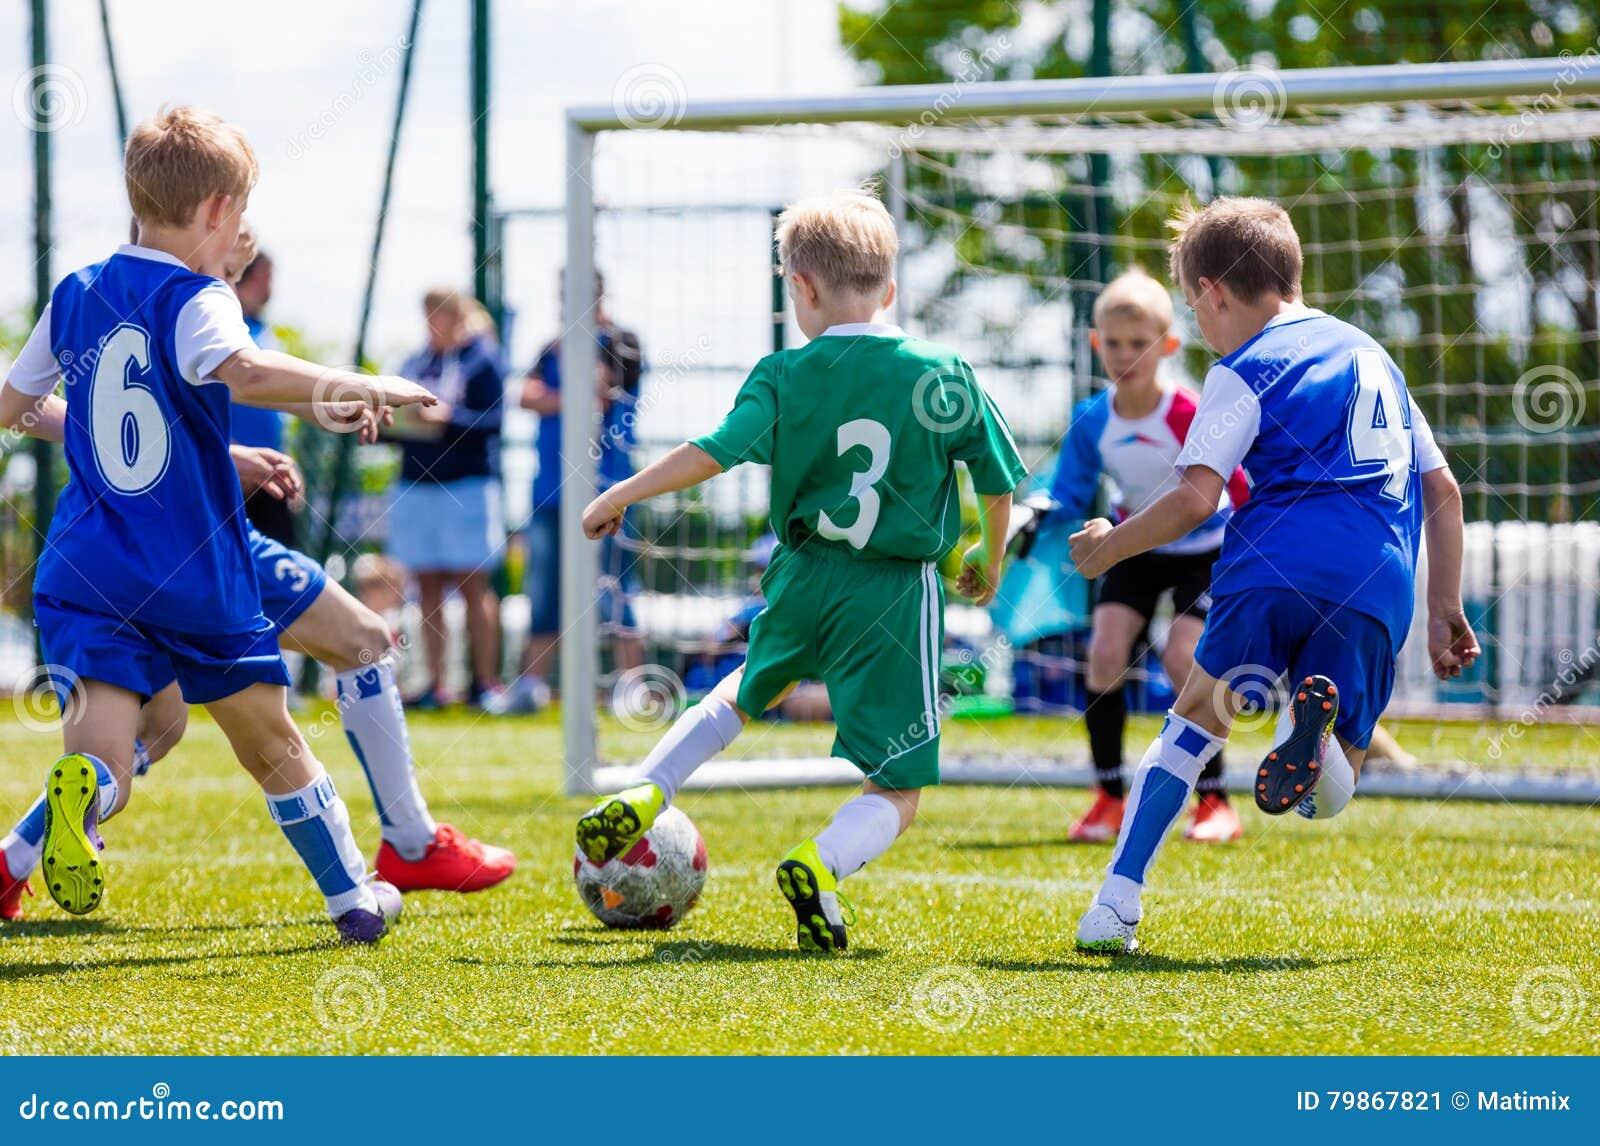 De gelijke van het voetbalvoetbal voor kinderen Jongens die voetbalspel spelen openlucht